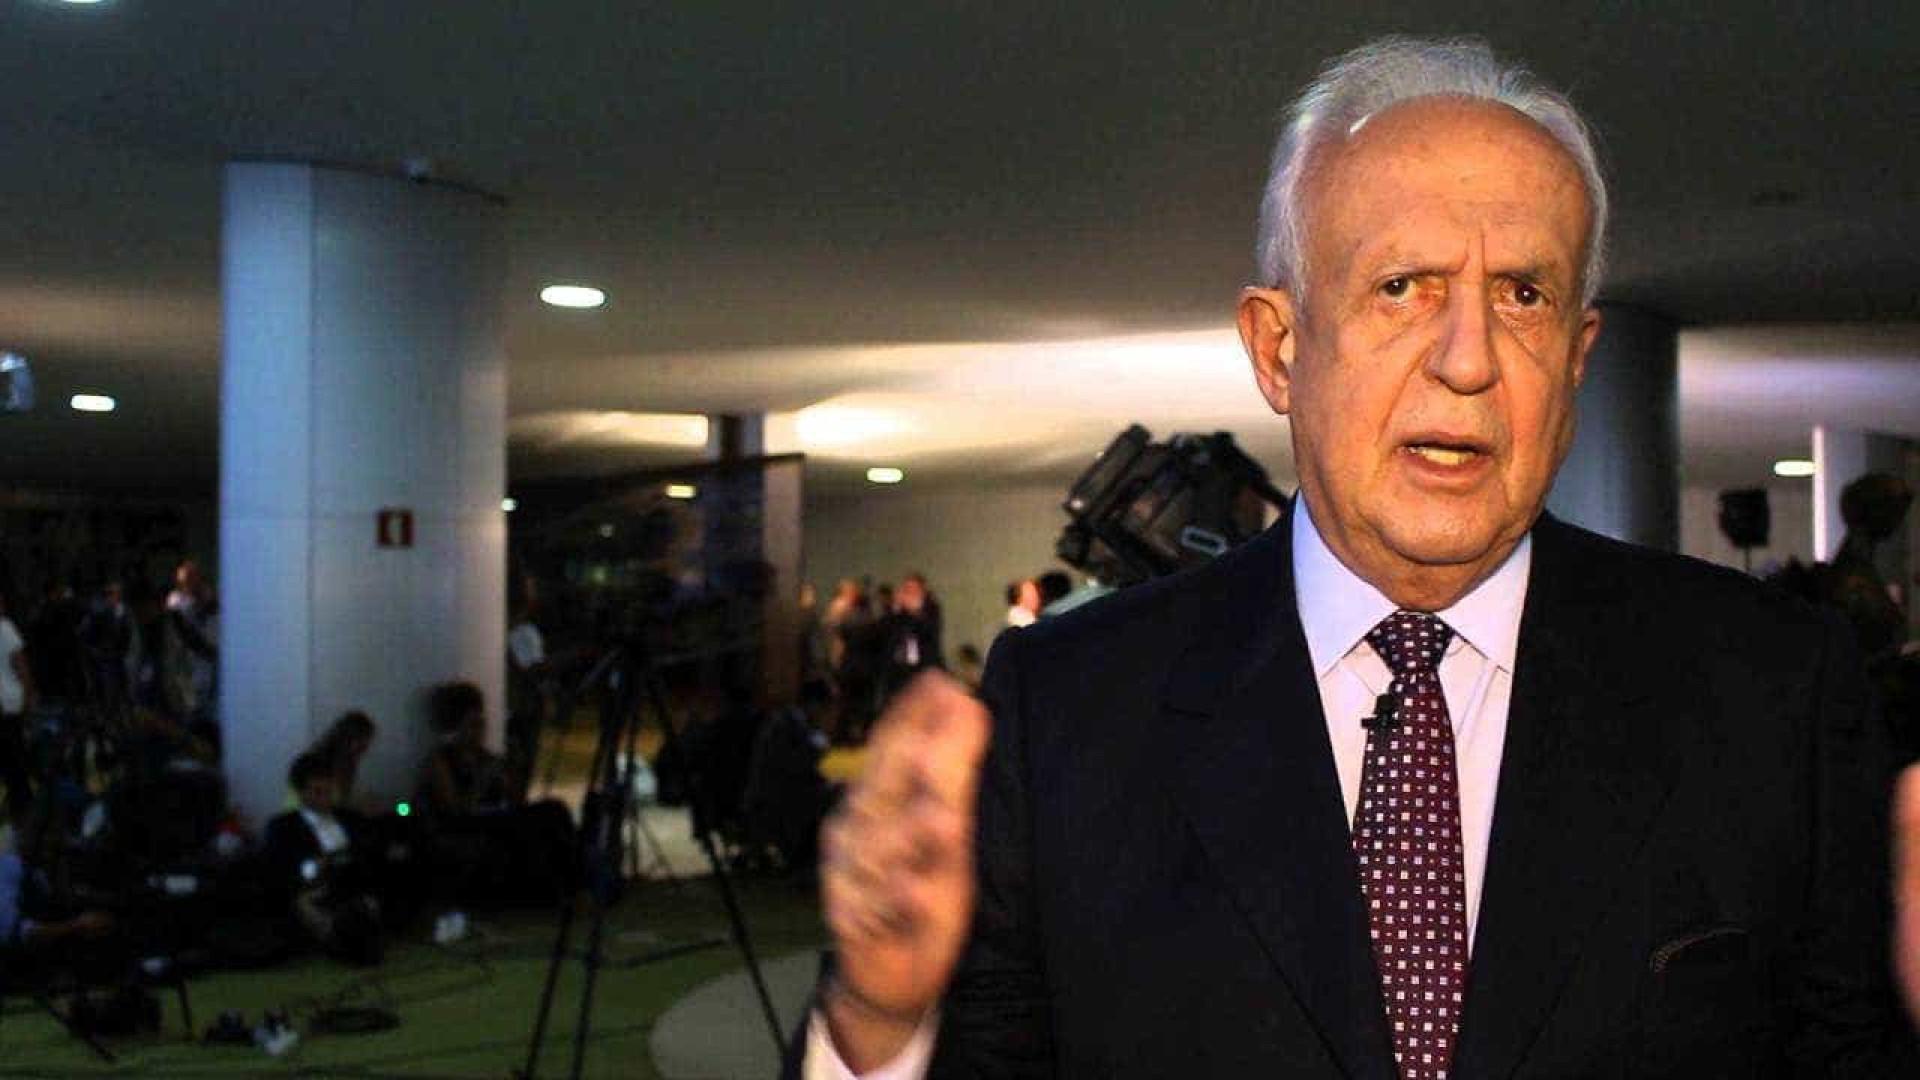 Direção do PMDB é fraca e despreparada, diz Jarbas após punição